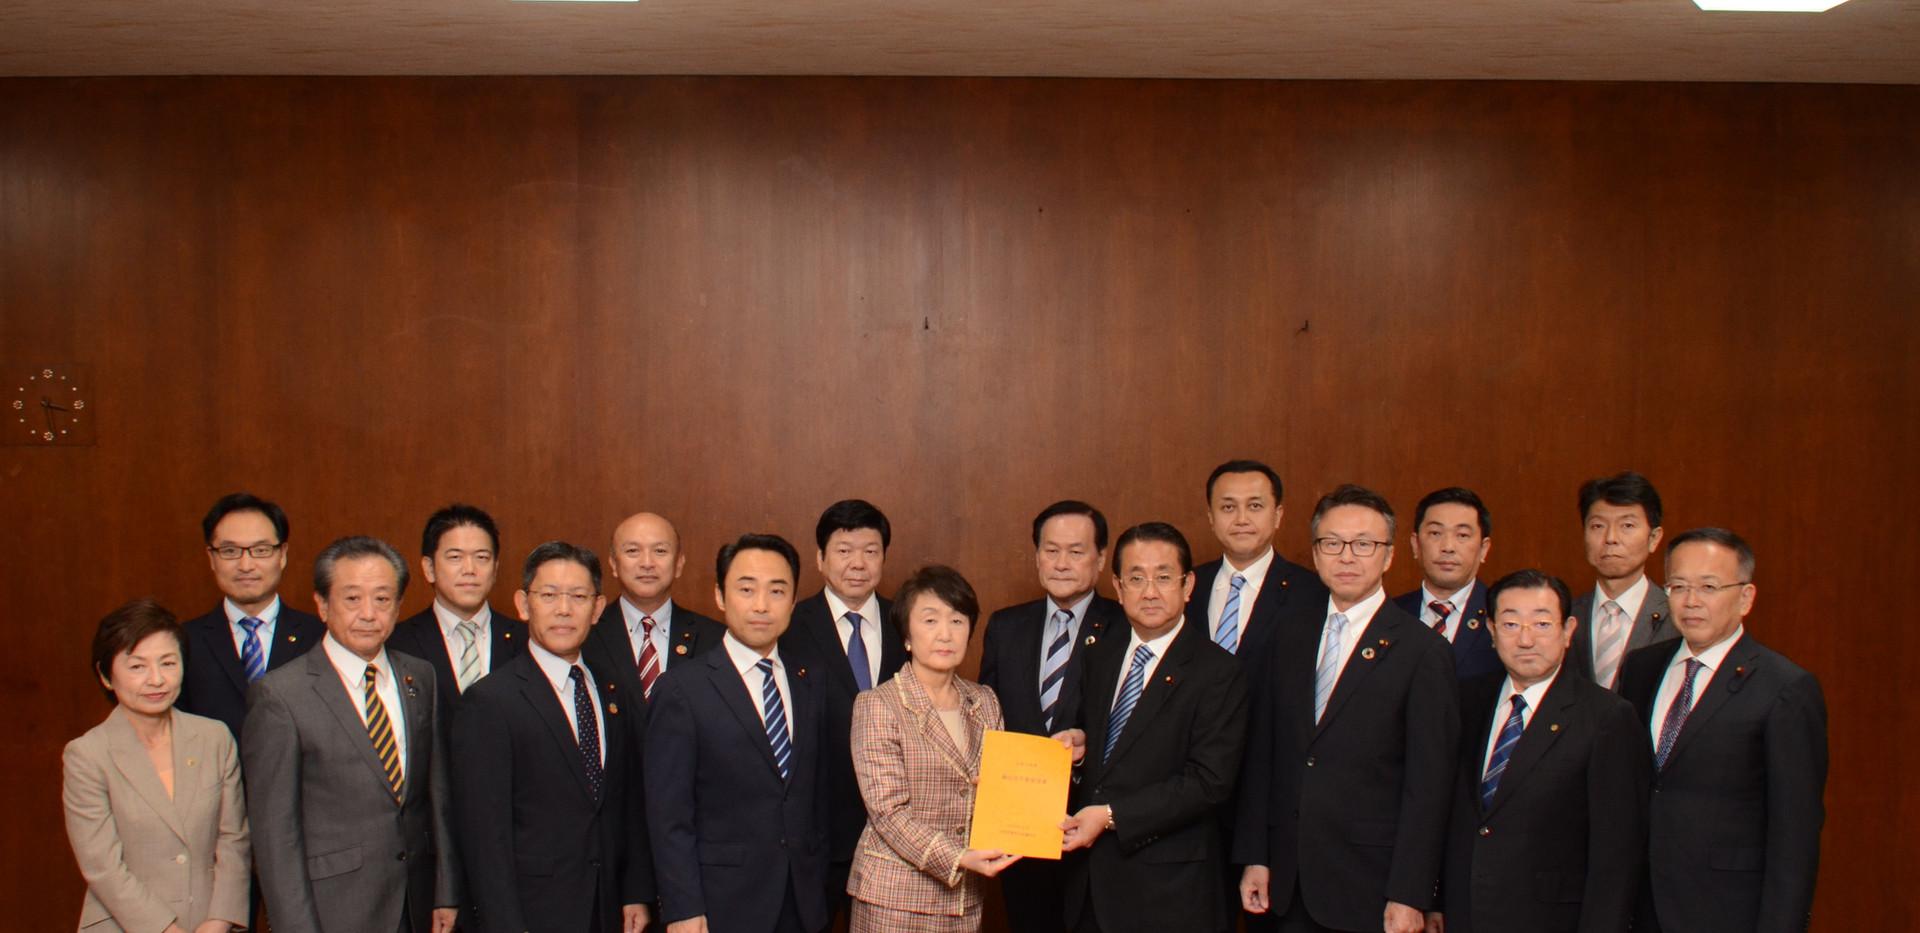 予算要望書を林市長に提出(2019年10月)